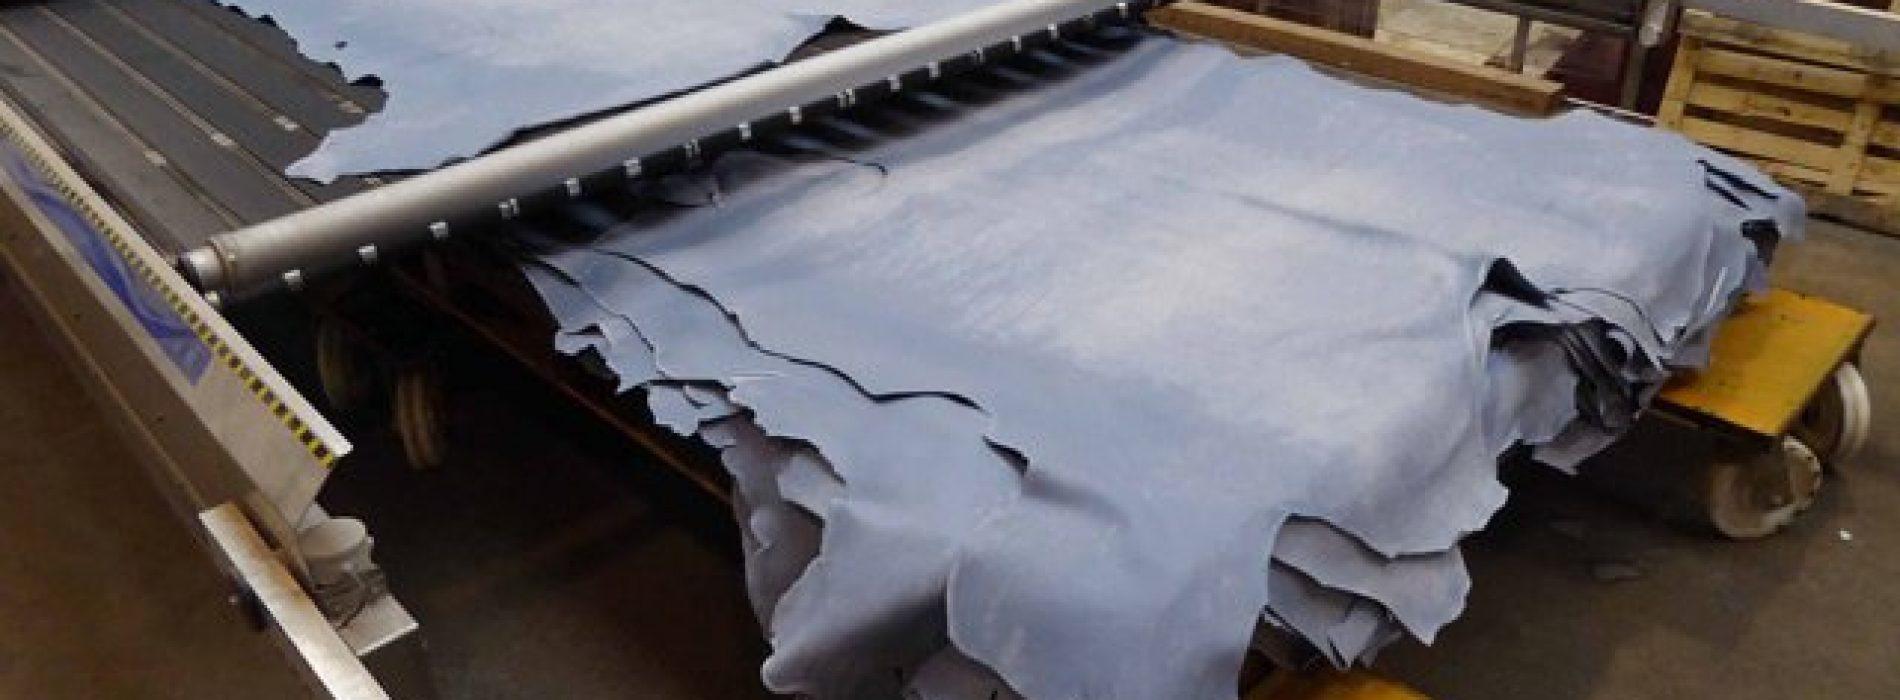 Tanzania, migliorare la qualità delle pelli per l'export